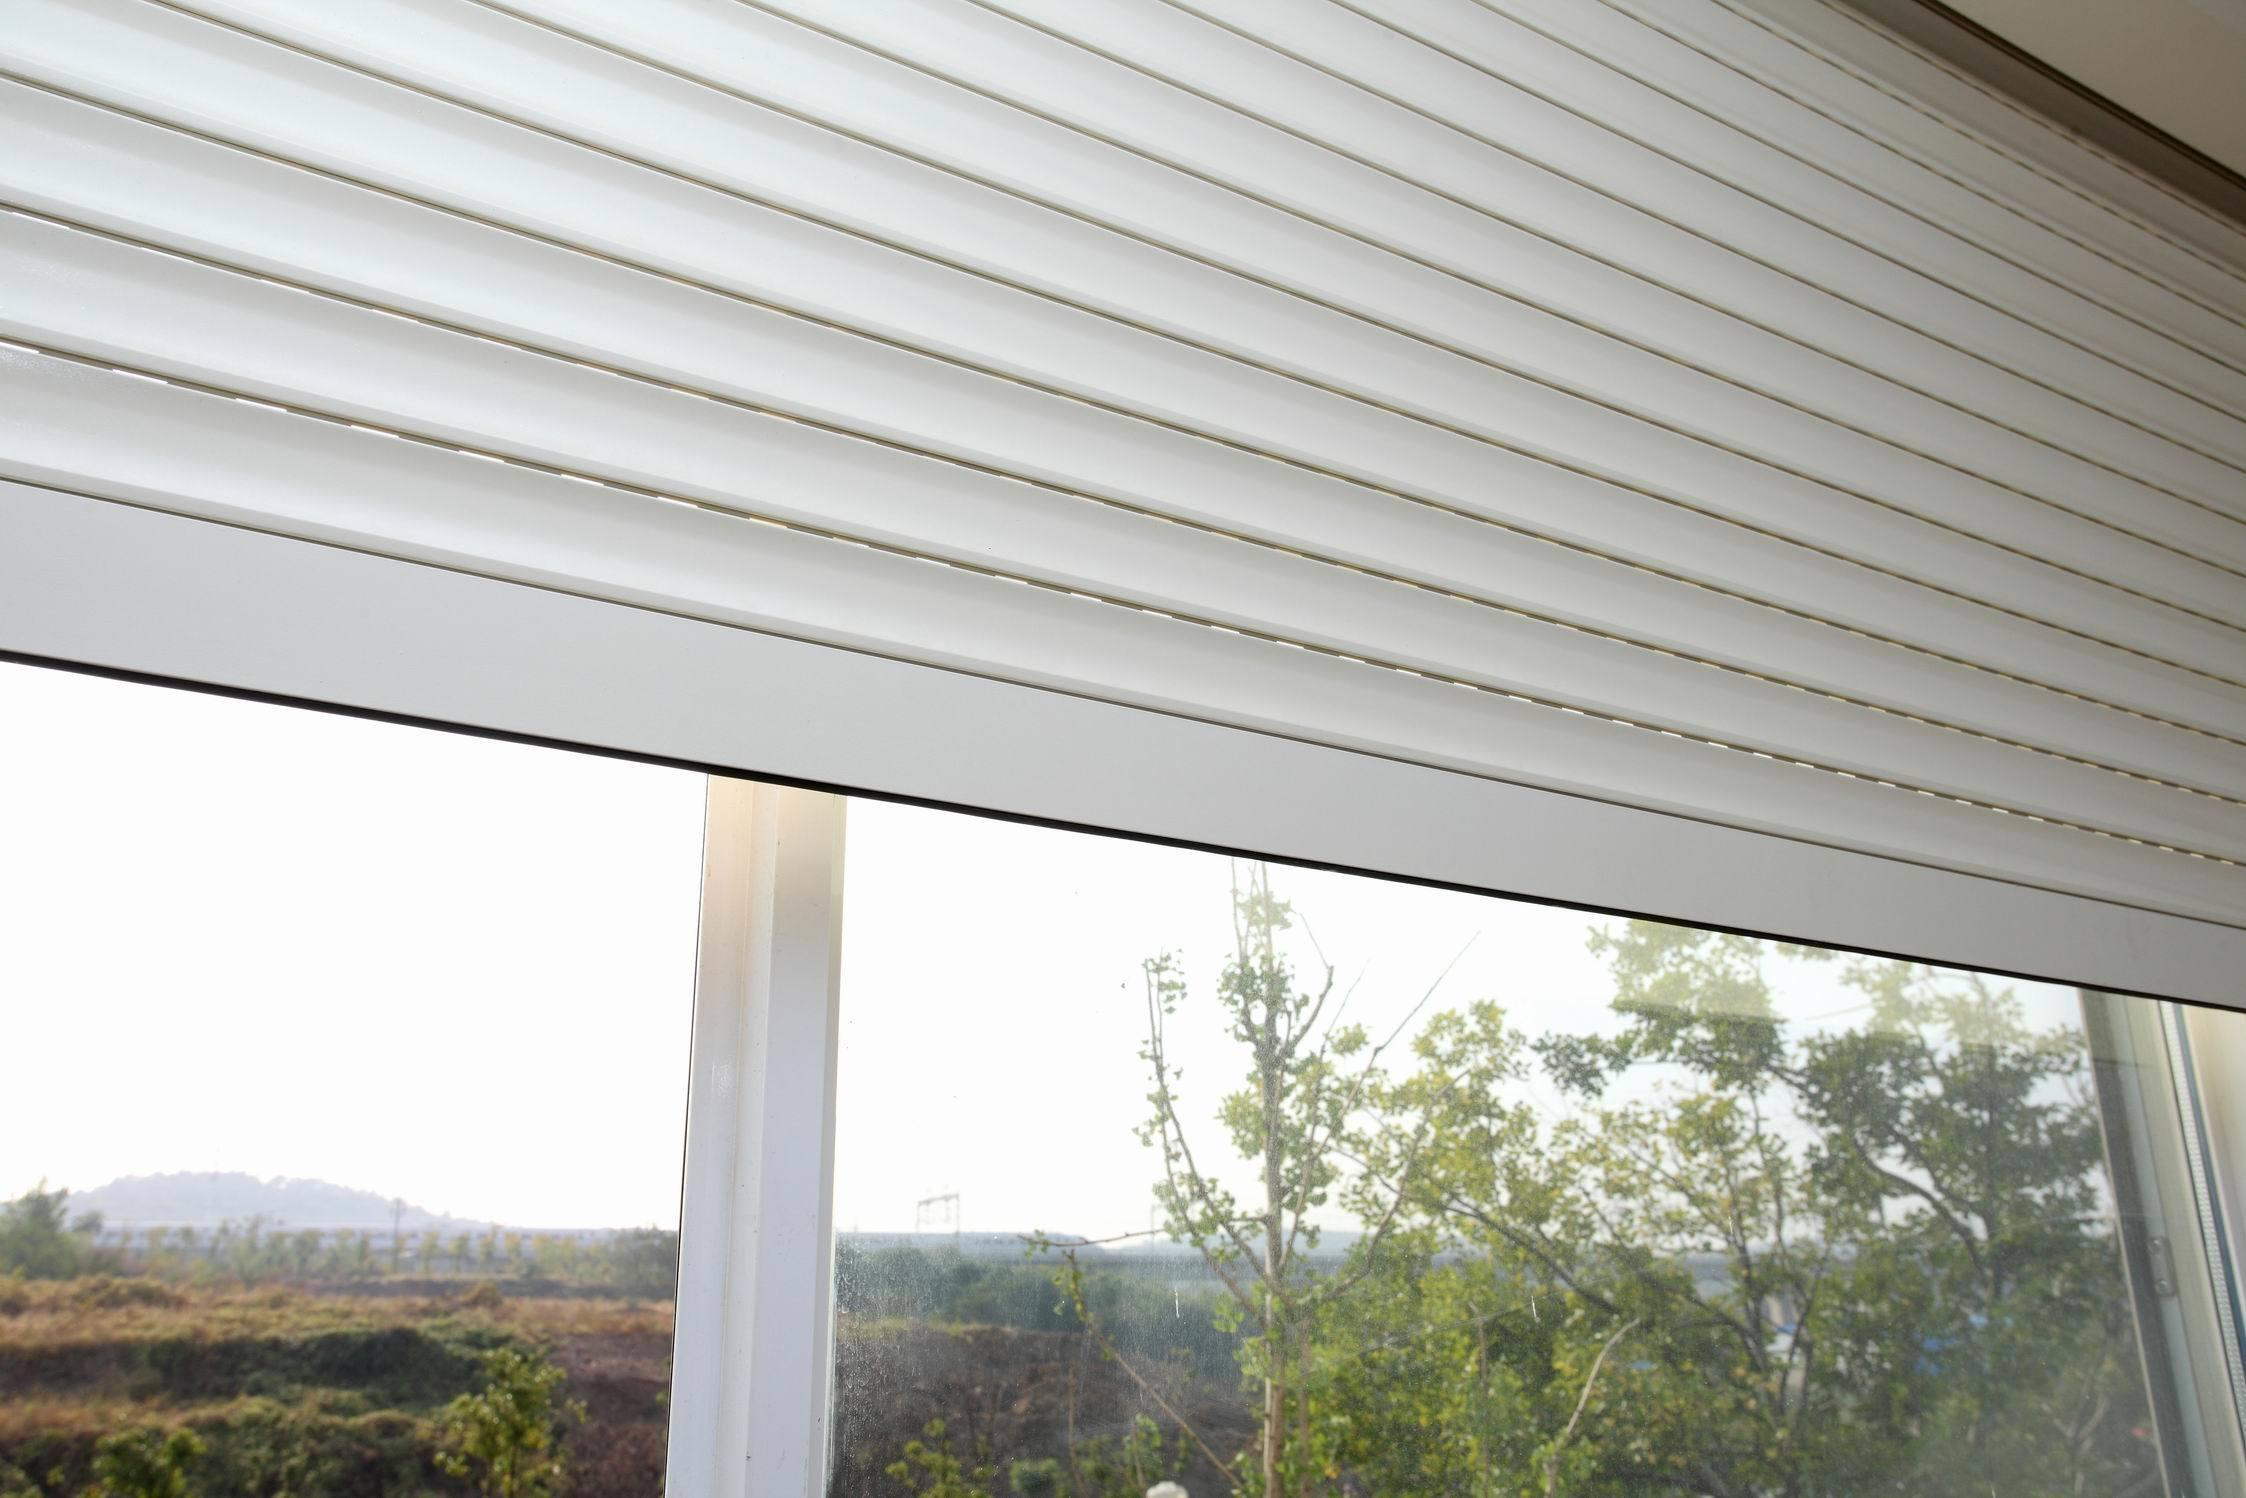 China aluminium interior security shutters china window shutter roller shutter window for Interior window security shutters